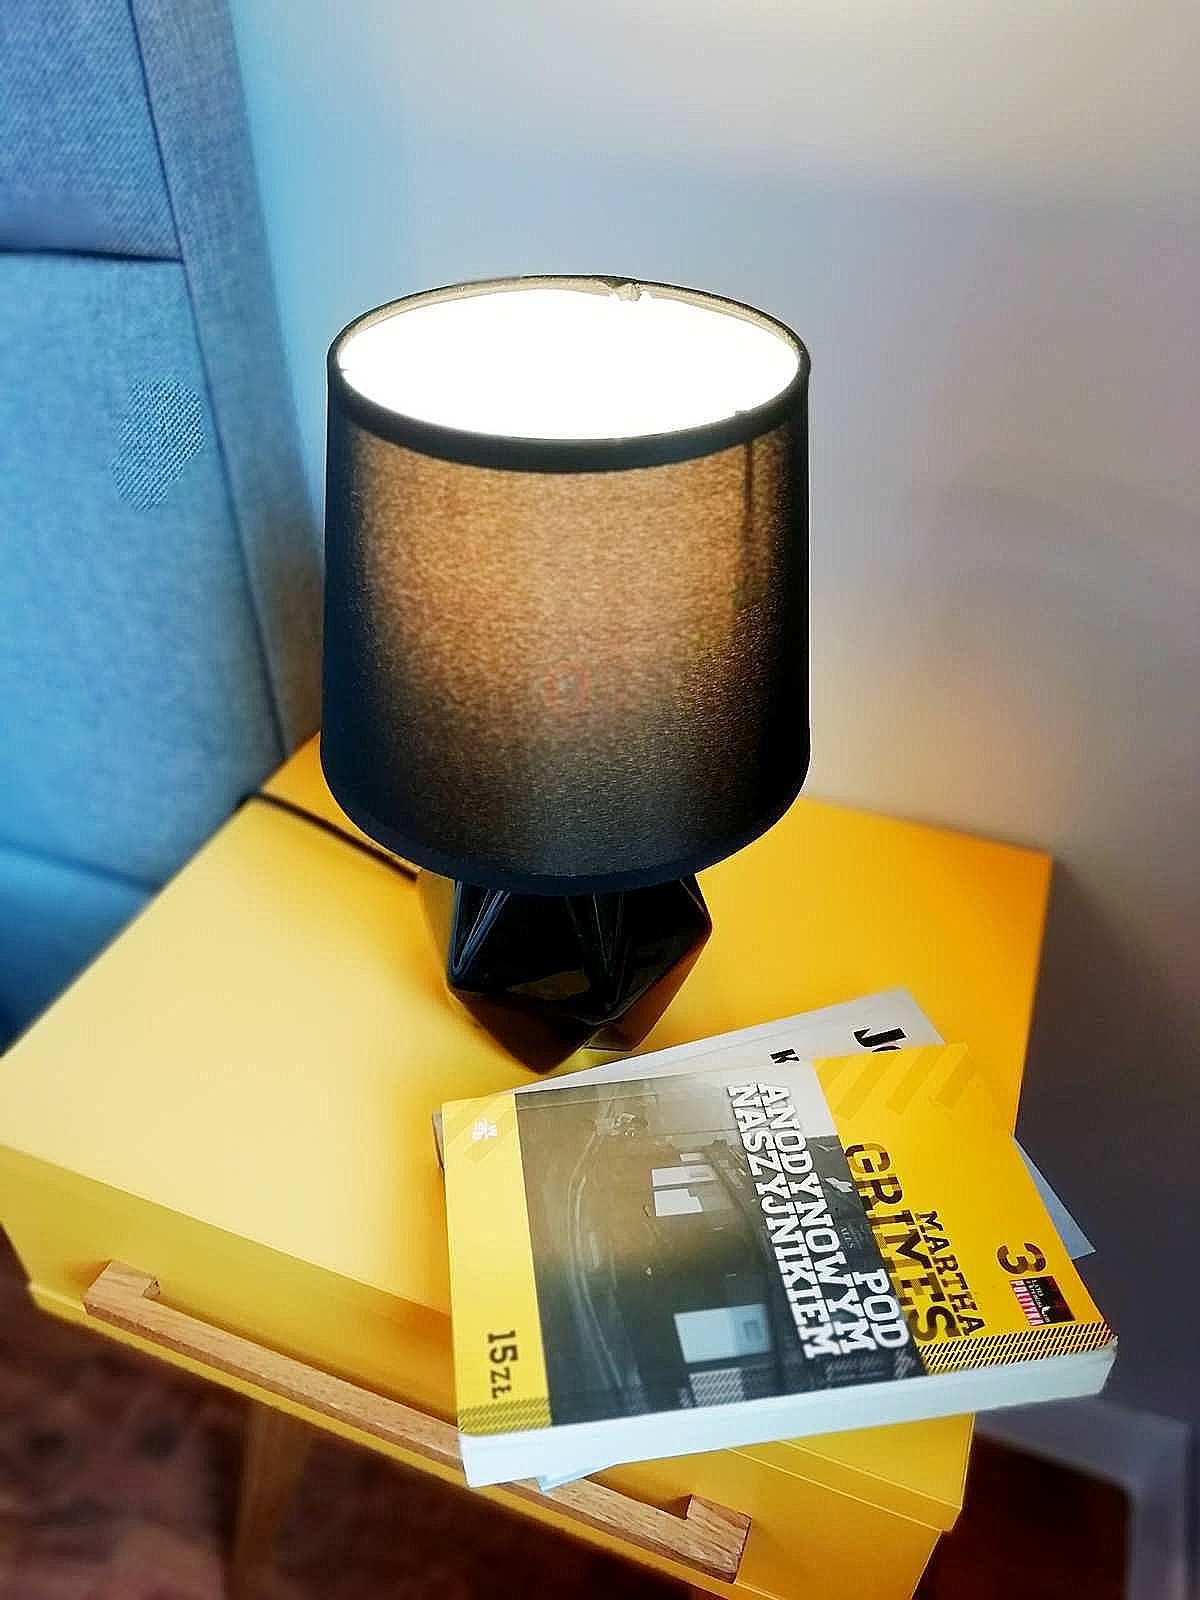 lampa sypialni apartamentu fabryka endorfin w kłodzku/lamp in apartment Fabryka Endorfin Klodzko